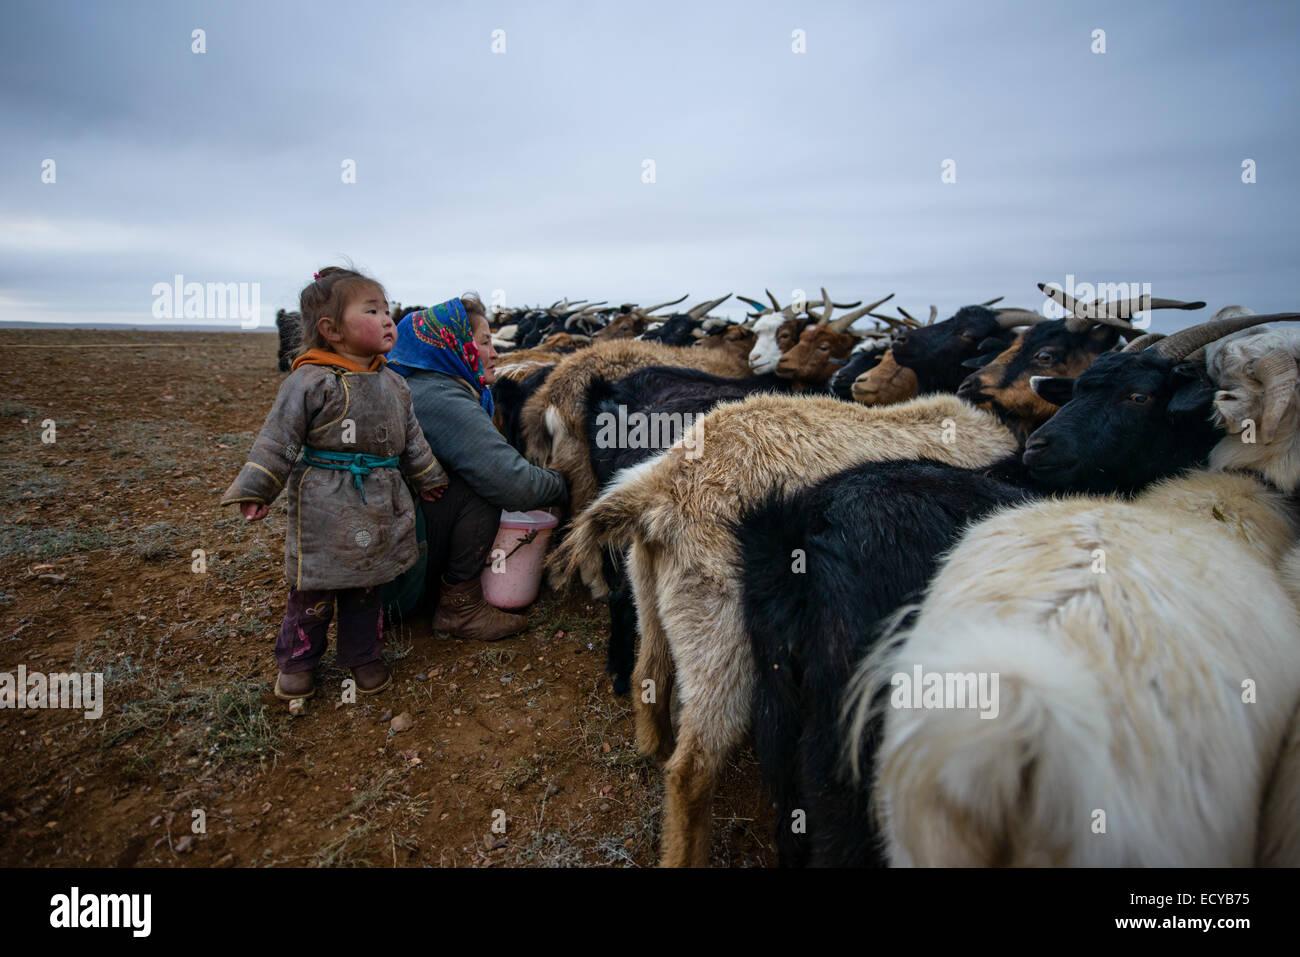 Mongolian nomads milking goats on the Gobi desert, Mongolia - Stock Image